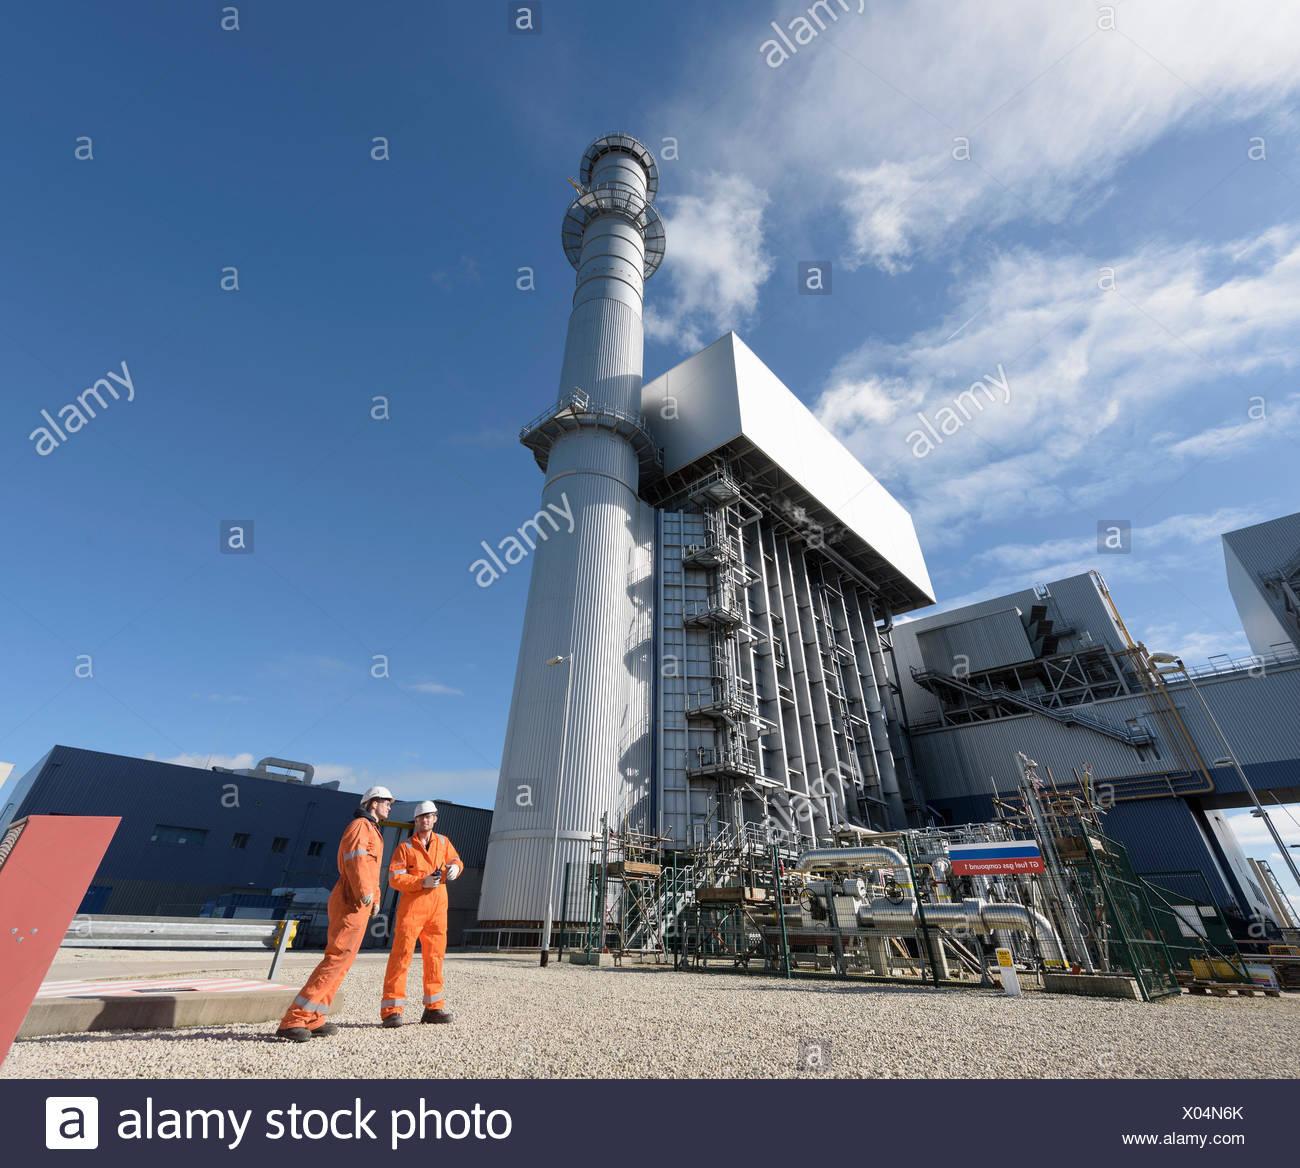 Fantastisch Kessel Im Wärmekraftwerk Verwendet Bilder - Schaltplan ...